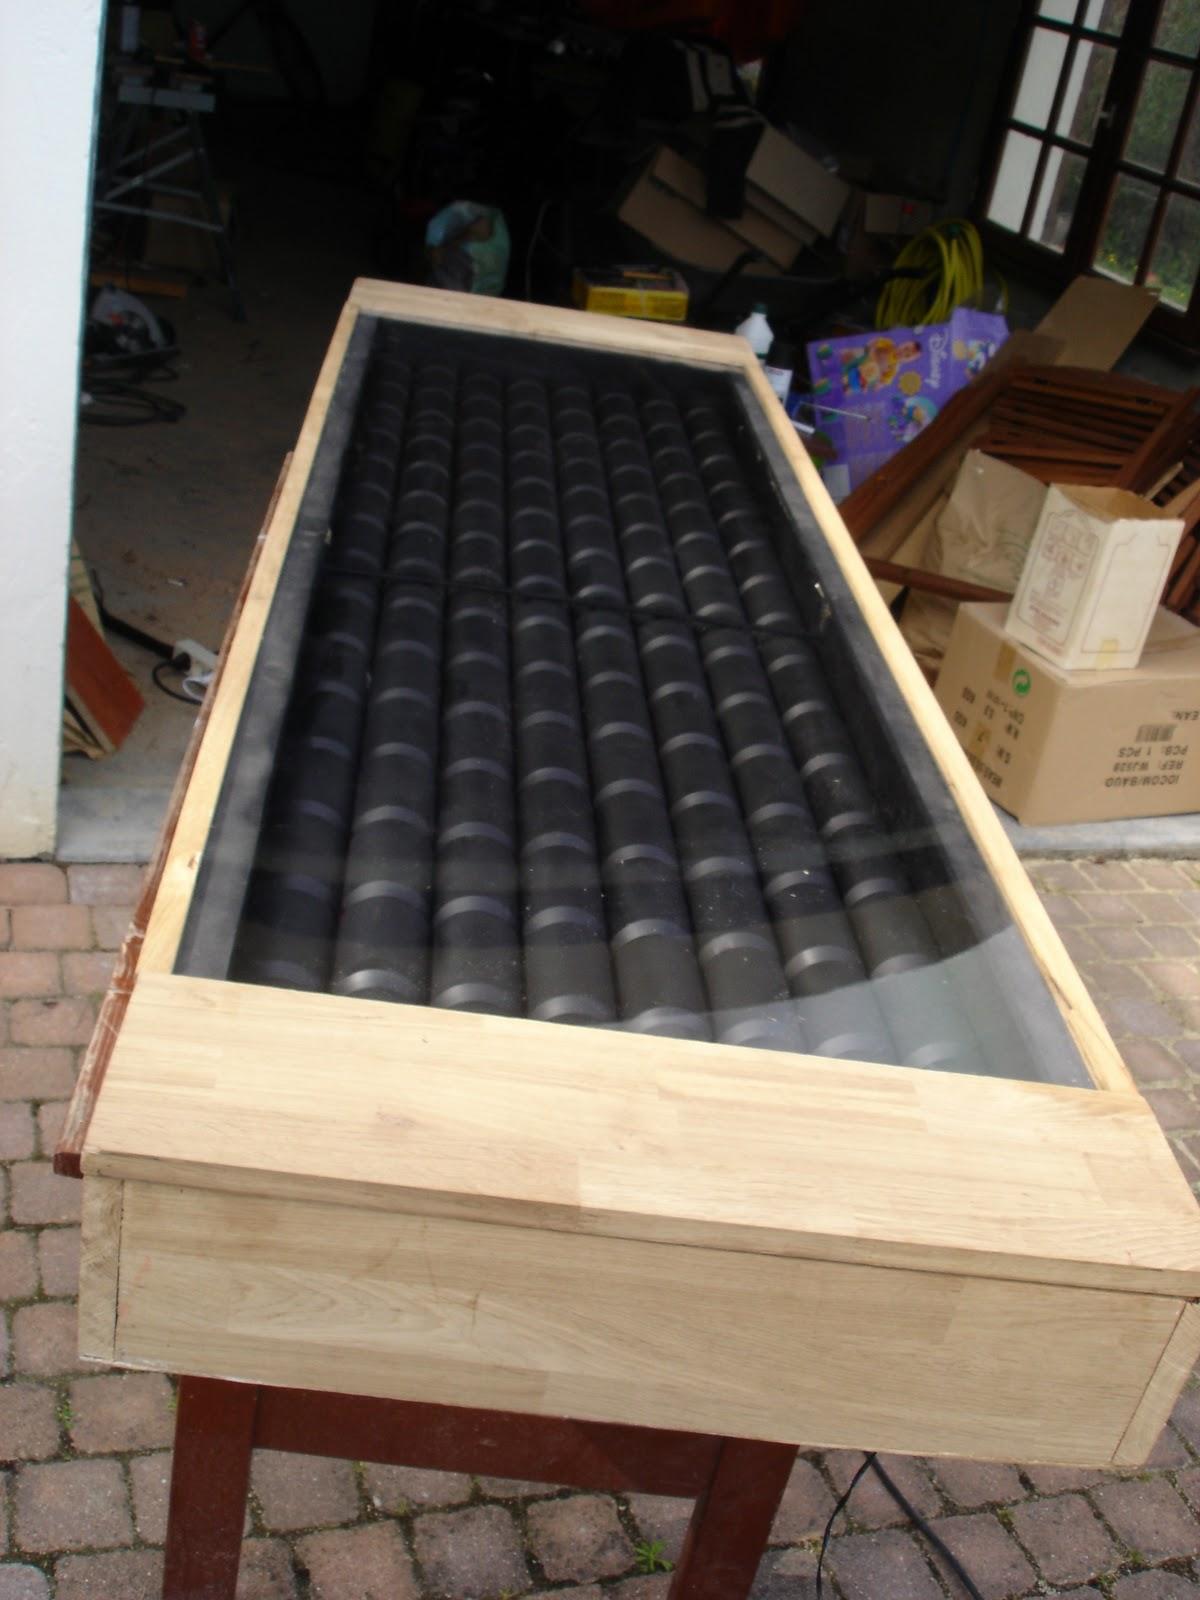 Panneau solaire chauffage maison elegant panneau solaire for Chauffage solaire